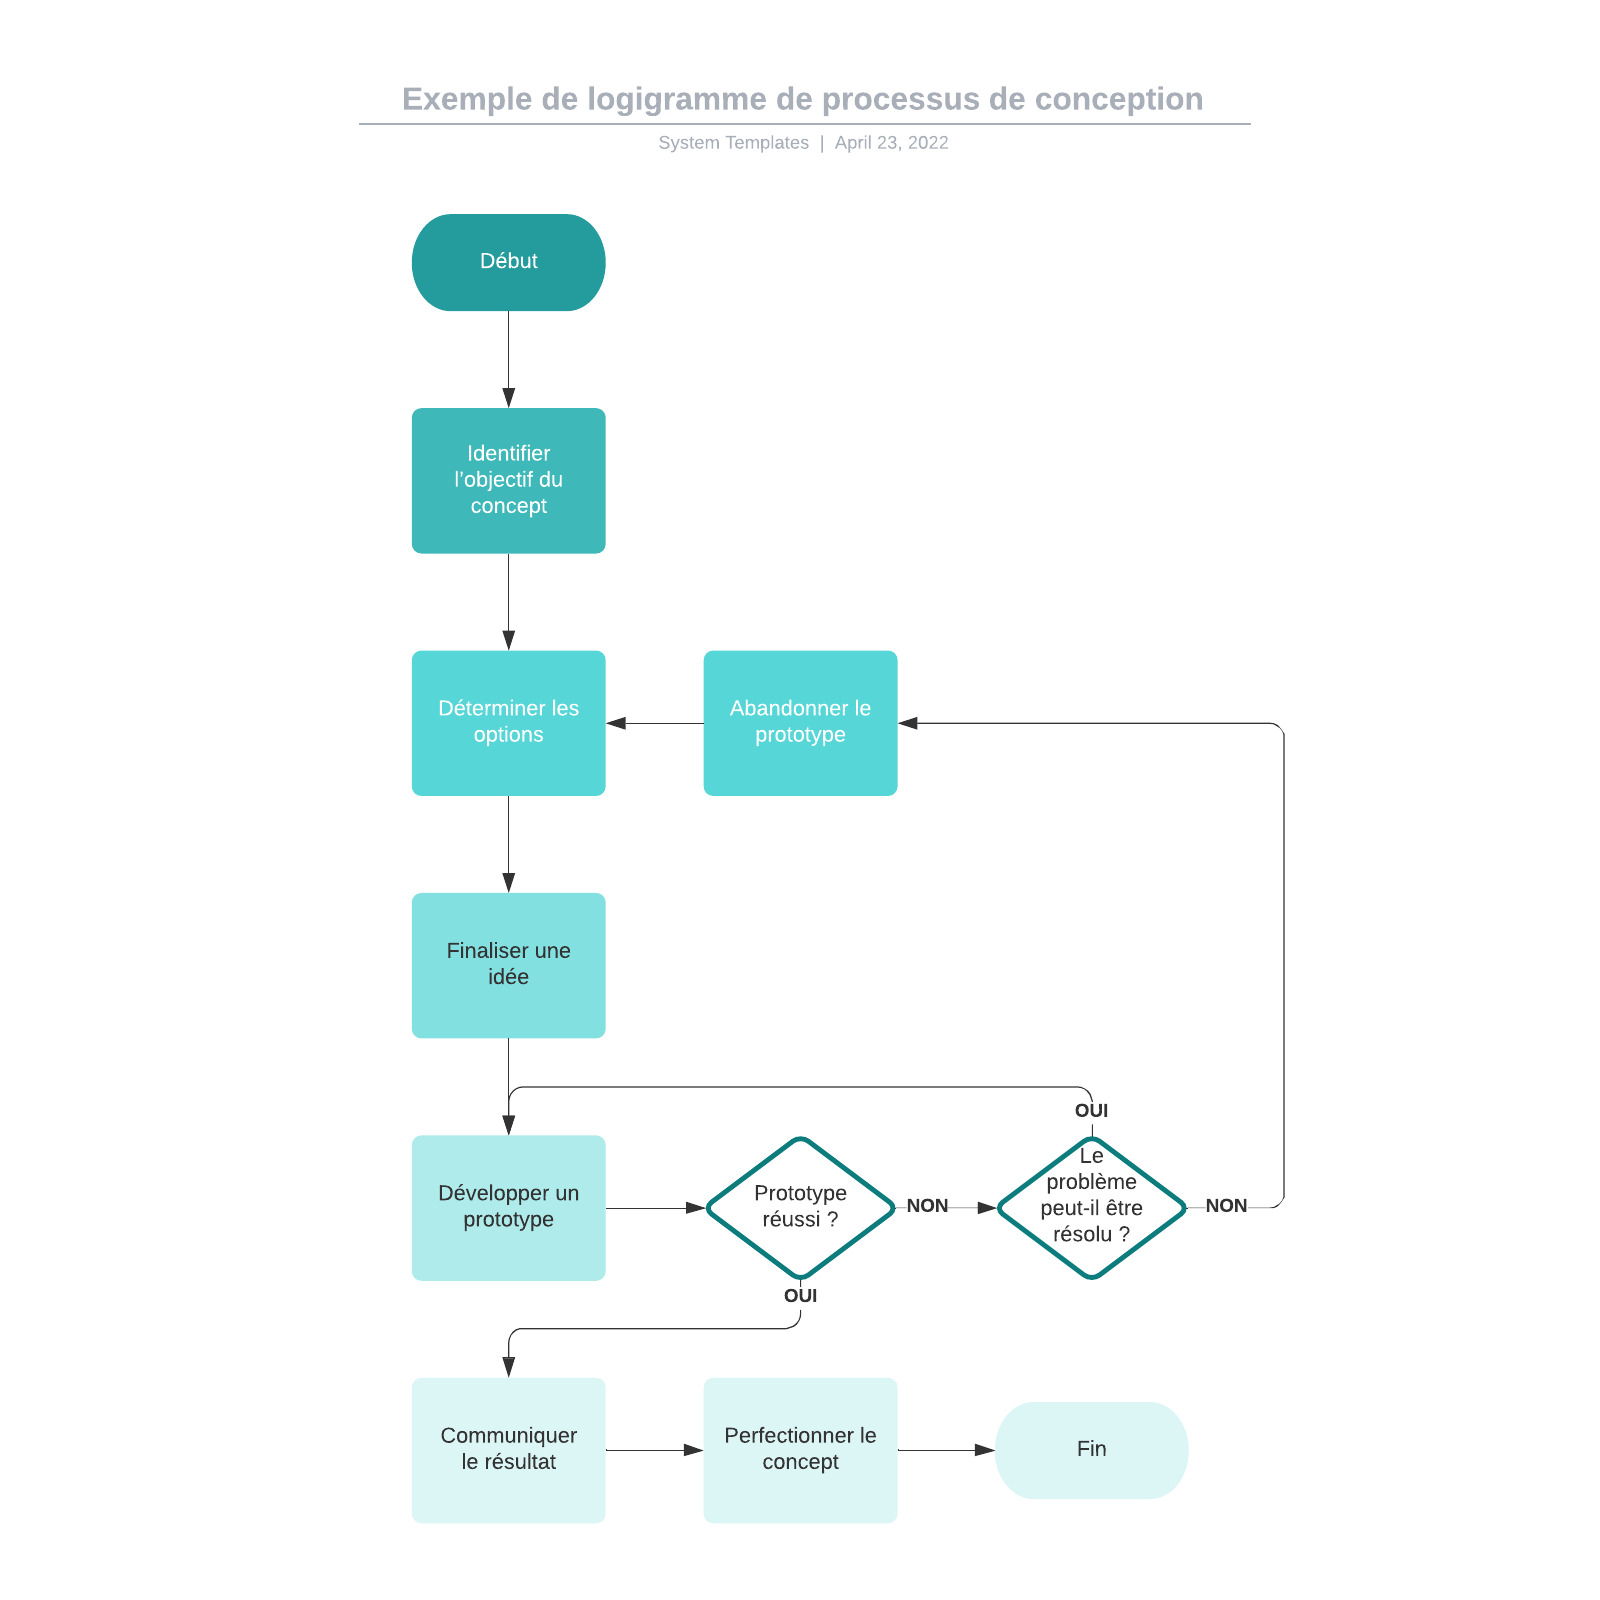 exemple de logigramme de processus de conception